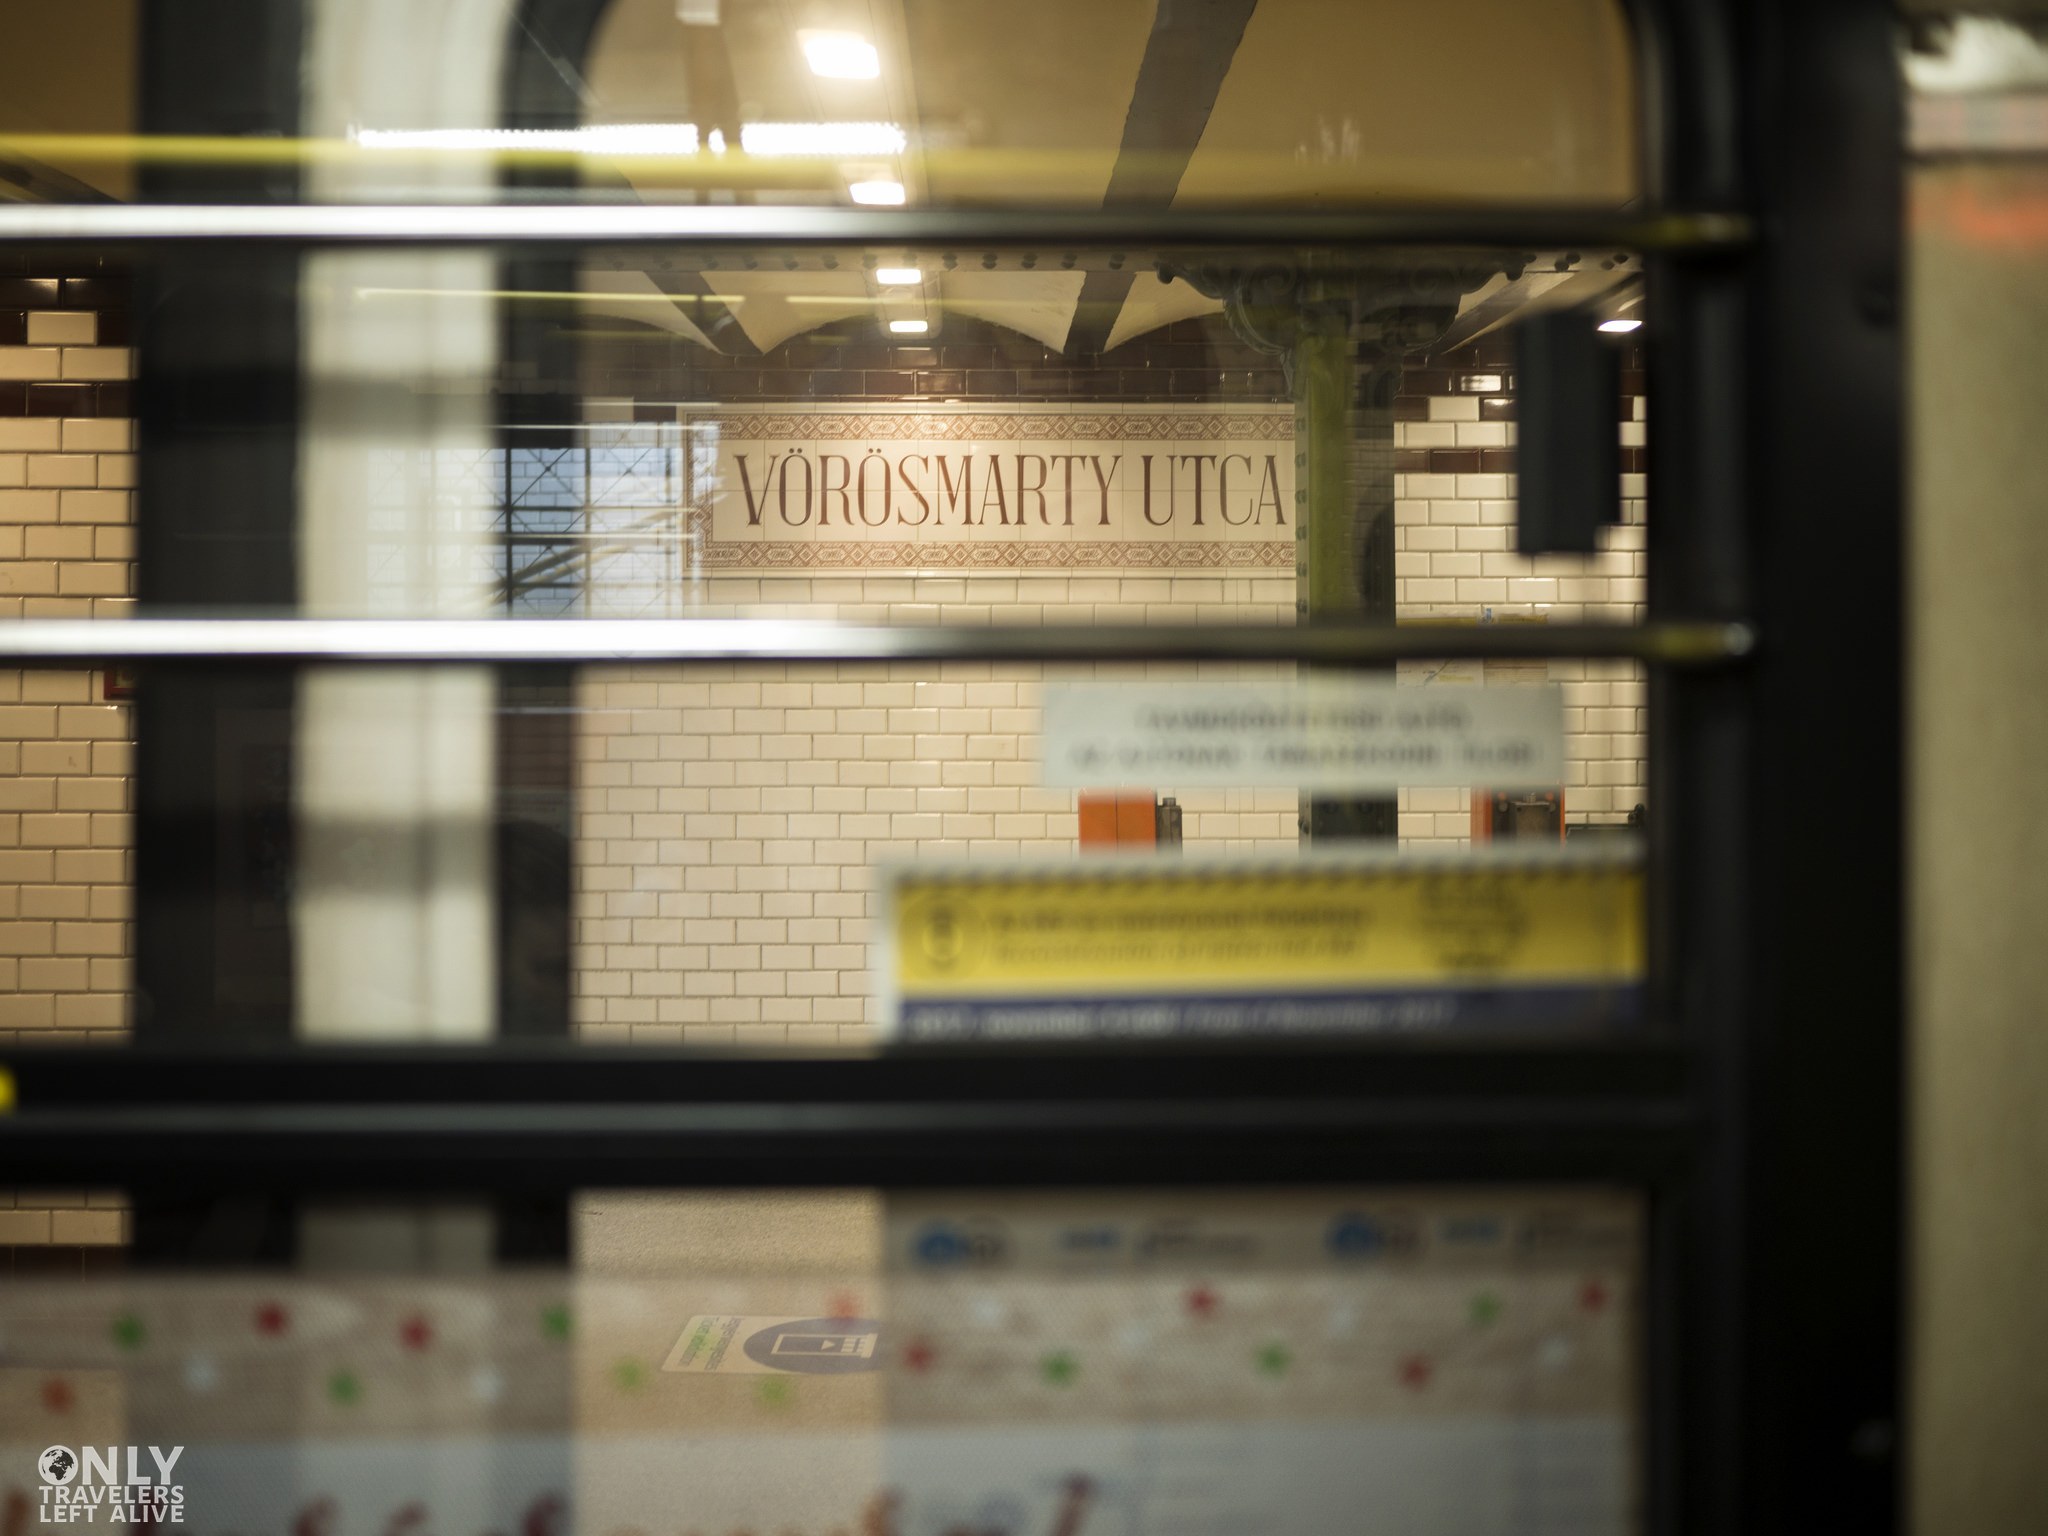 Budapeszt metro only travelers left alive